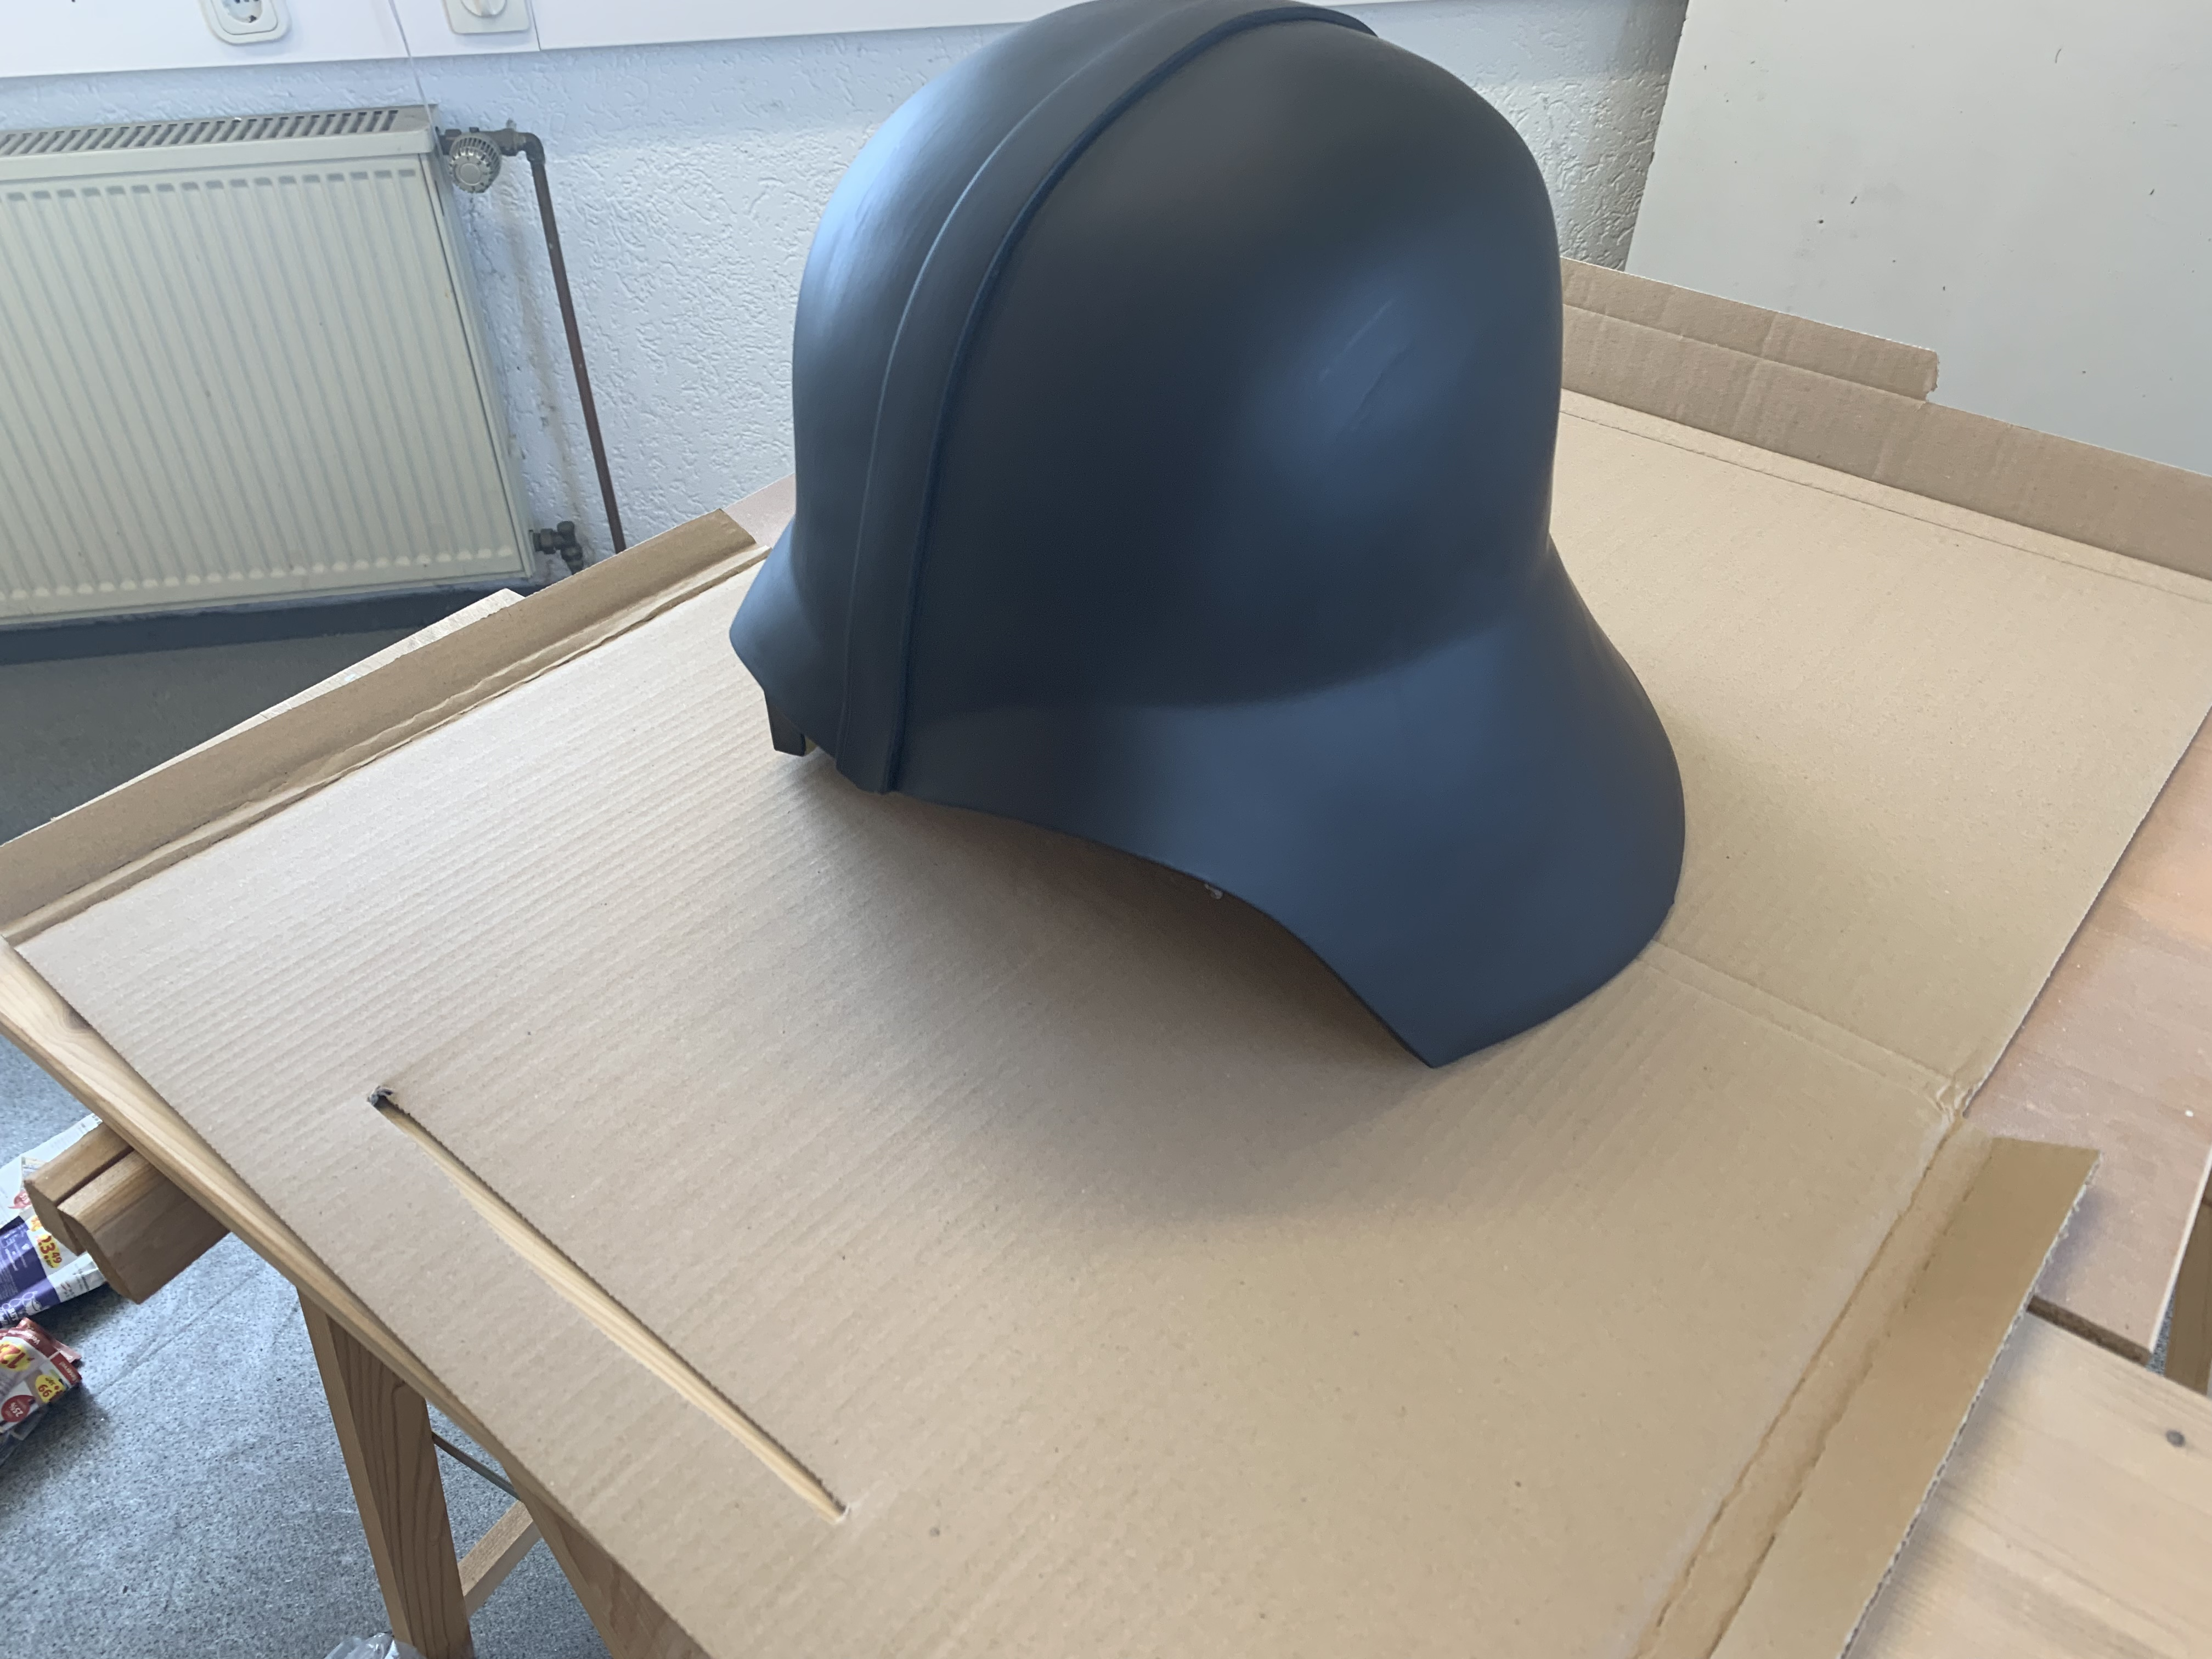 s438647550.online.de/PICS/0719_Helmet_7.JPG